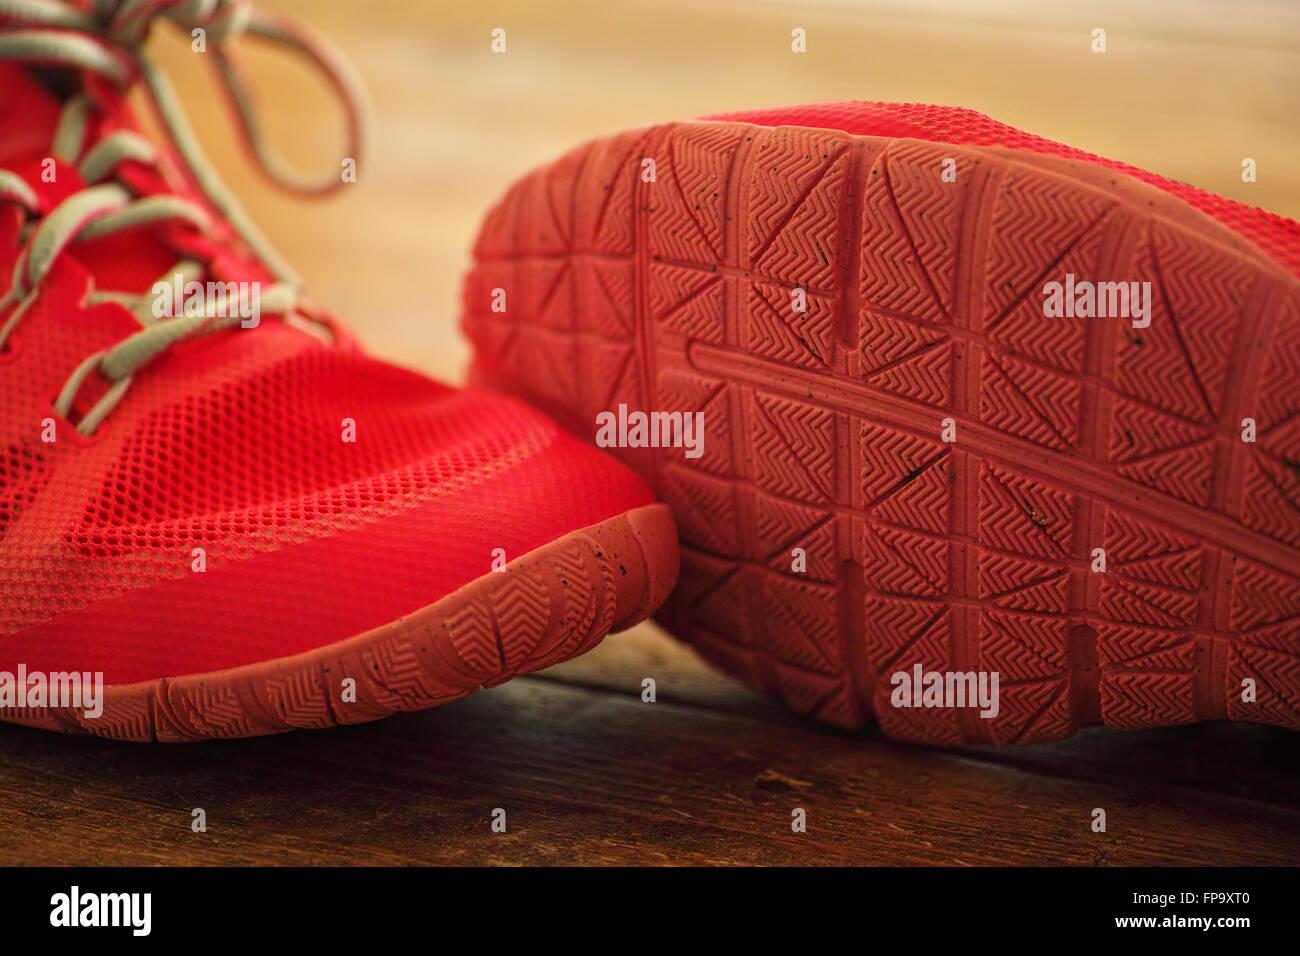 Pink Ladies zapatos Nike Trainer ejercicio sobre suelo de madera Imagen De Stock